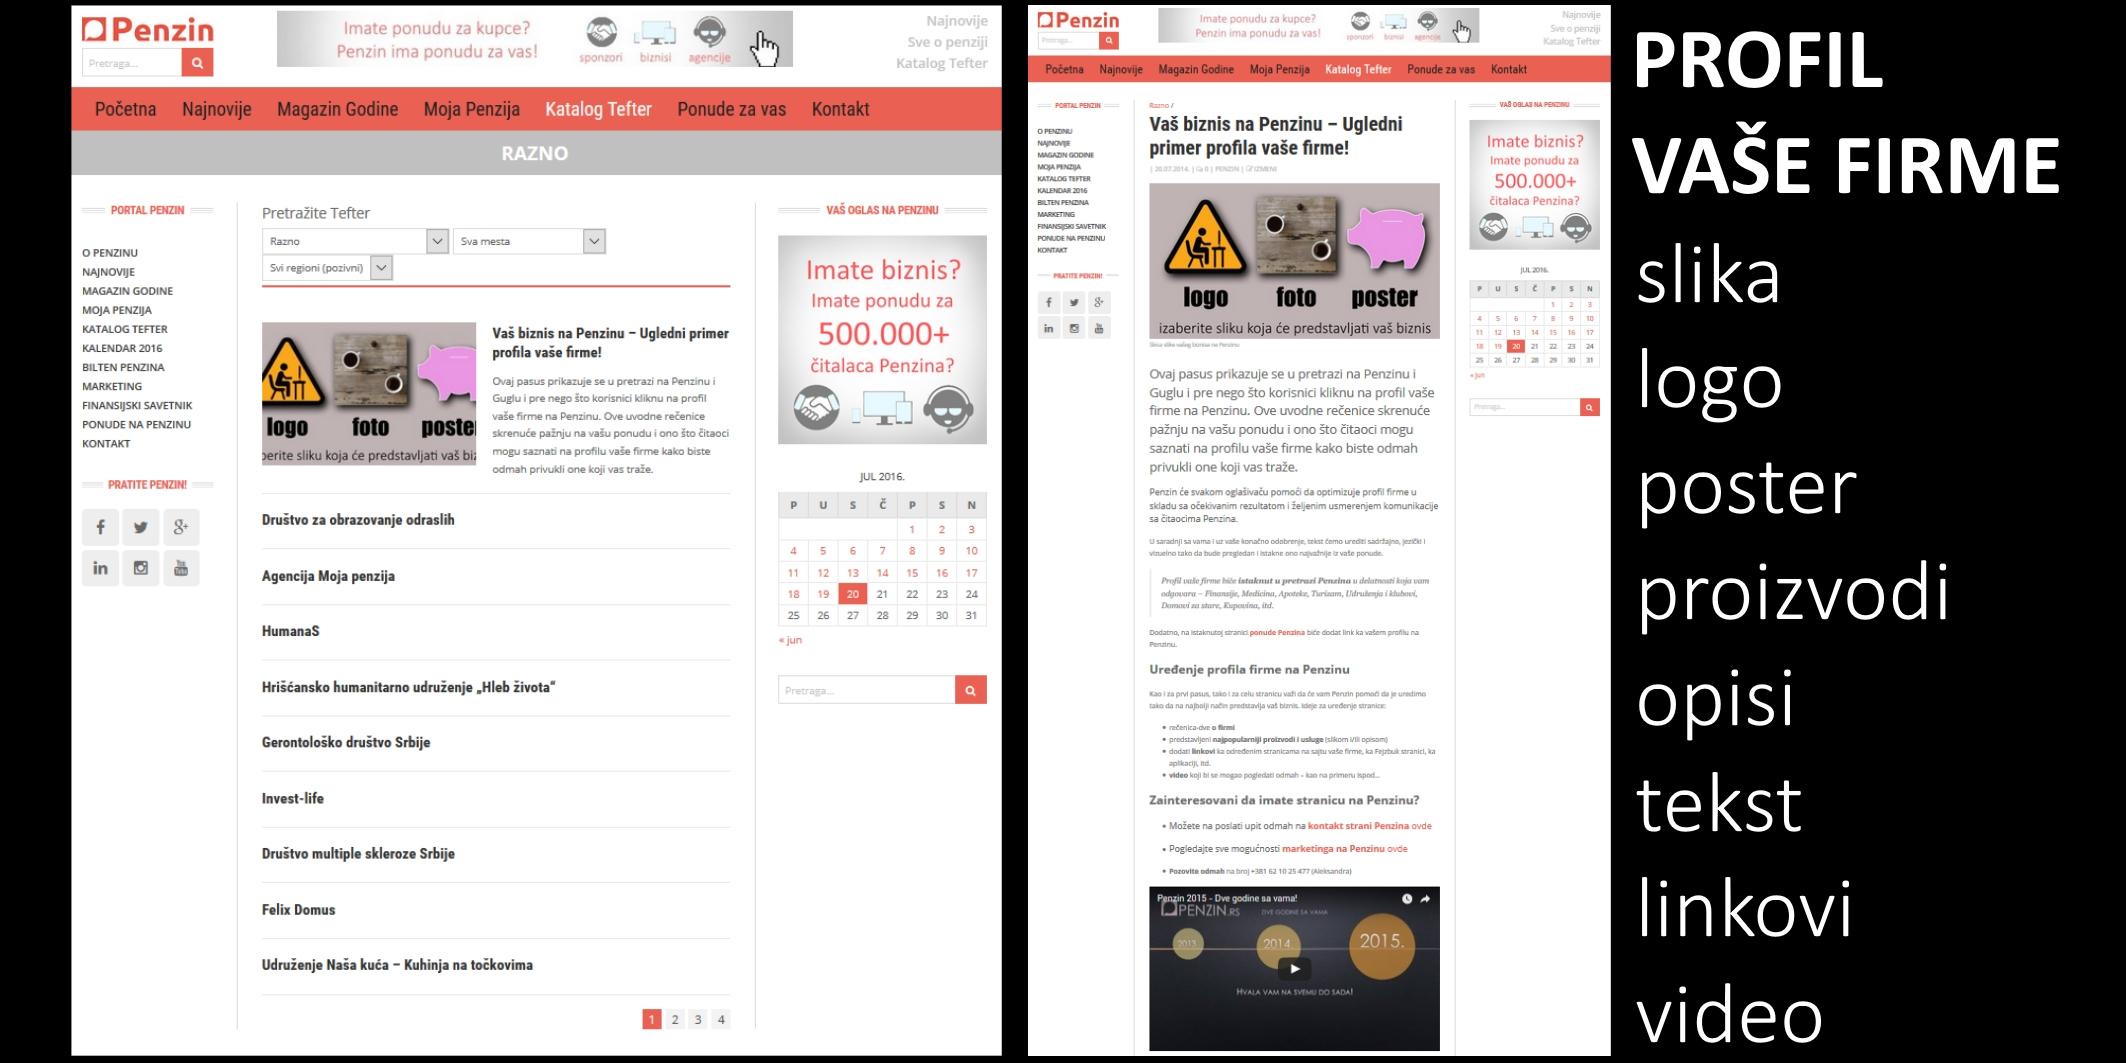 Levo: Profil firme istaknut u pretrazi kategorije pozicijom, slikom i uvodnim tekstom; Desno: ugledni primer sadržaja profila firme